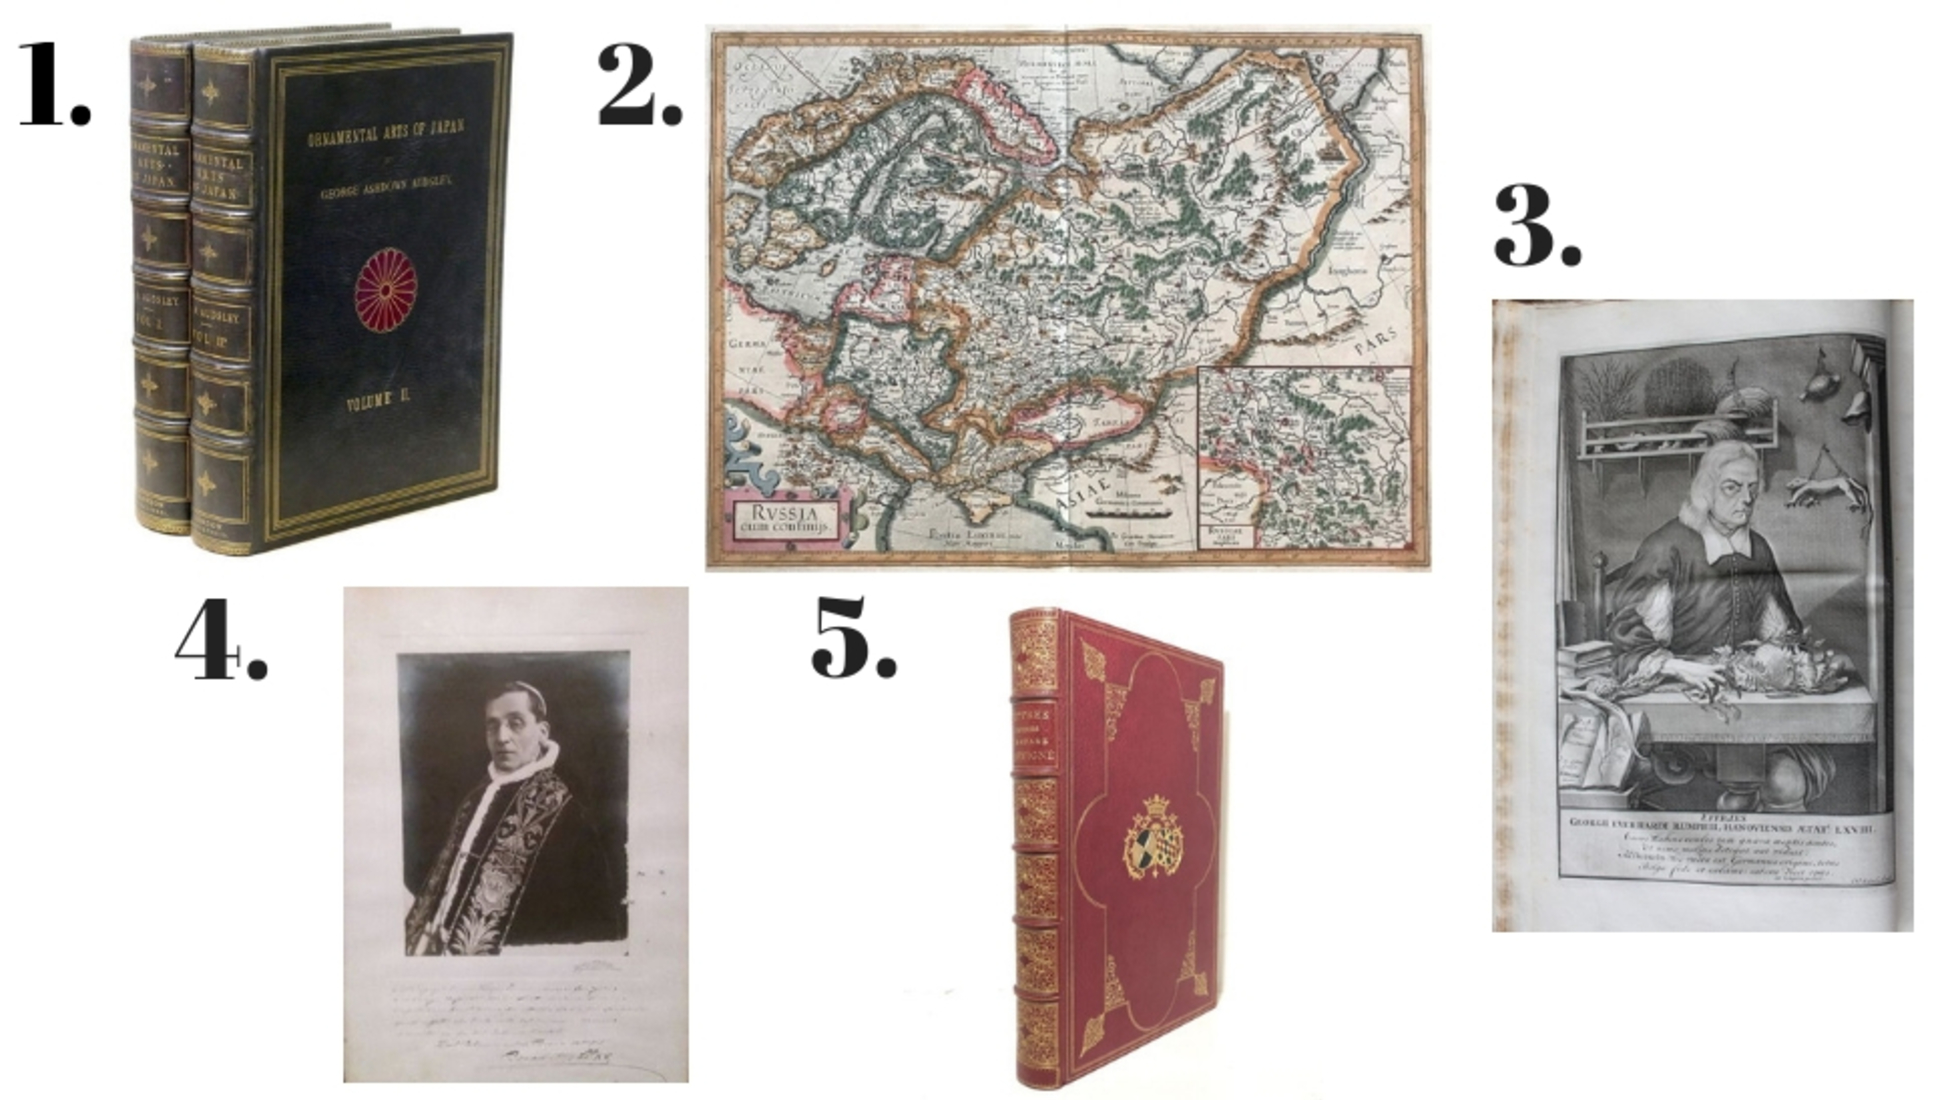 6d9c62c9e2f0 Esta semana nuestro experto en libros Mark Harrison elige cinco artículos  excepcionales de nuestras subastas de libros y cartografía